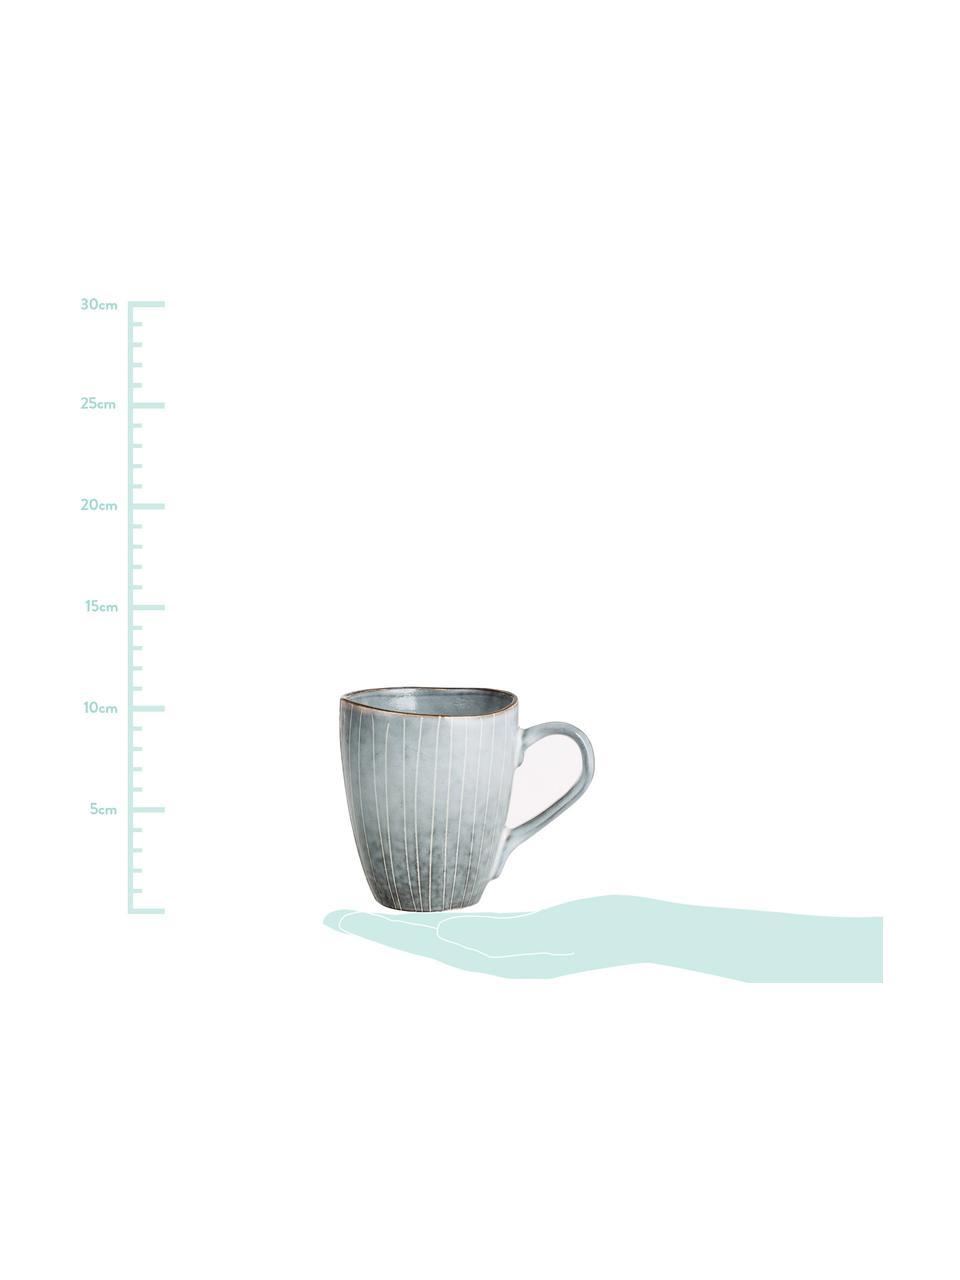 Handgemachte Tassen Nordic Sea aus Steingut in verschiedenen Größen, 6 Stück, Steingut, Grau- und Blautöne, Ø 8 x H 10 cm